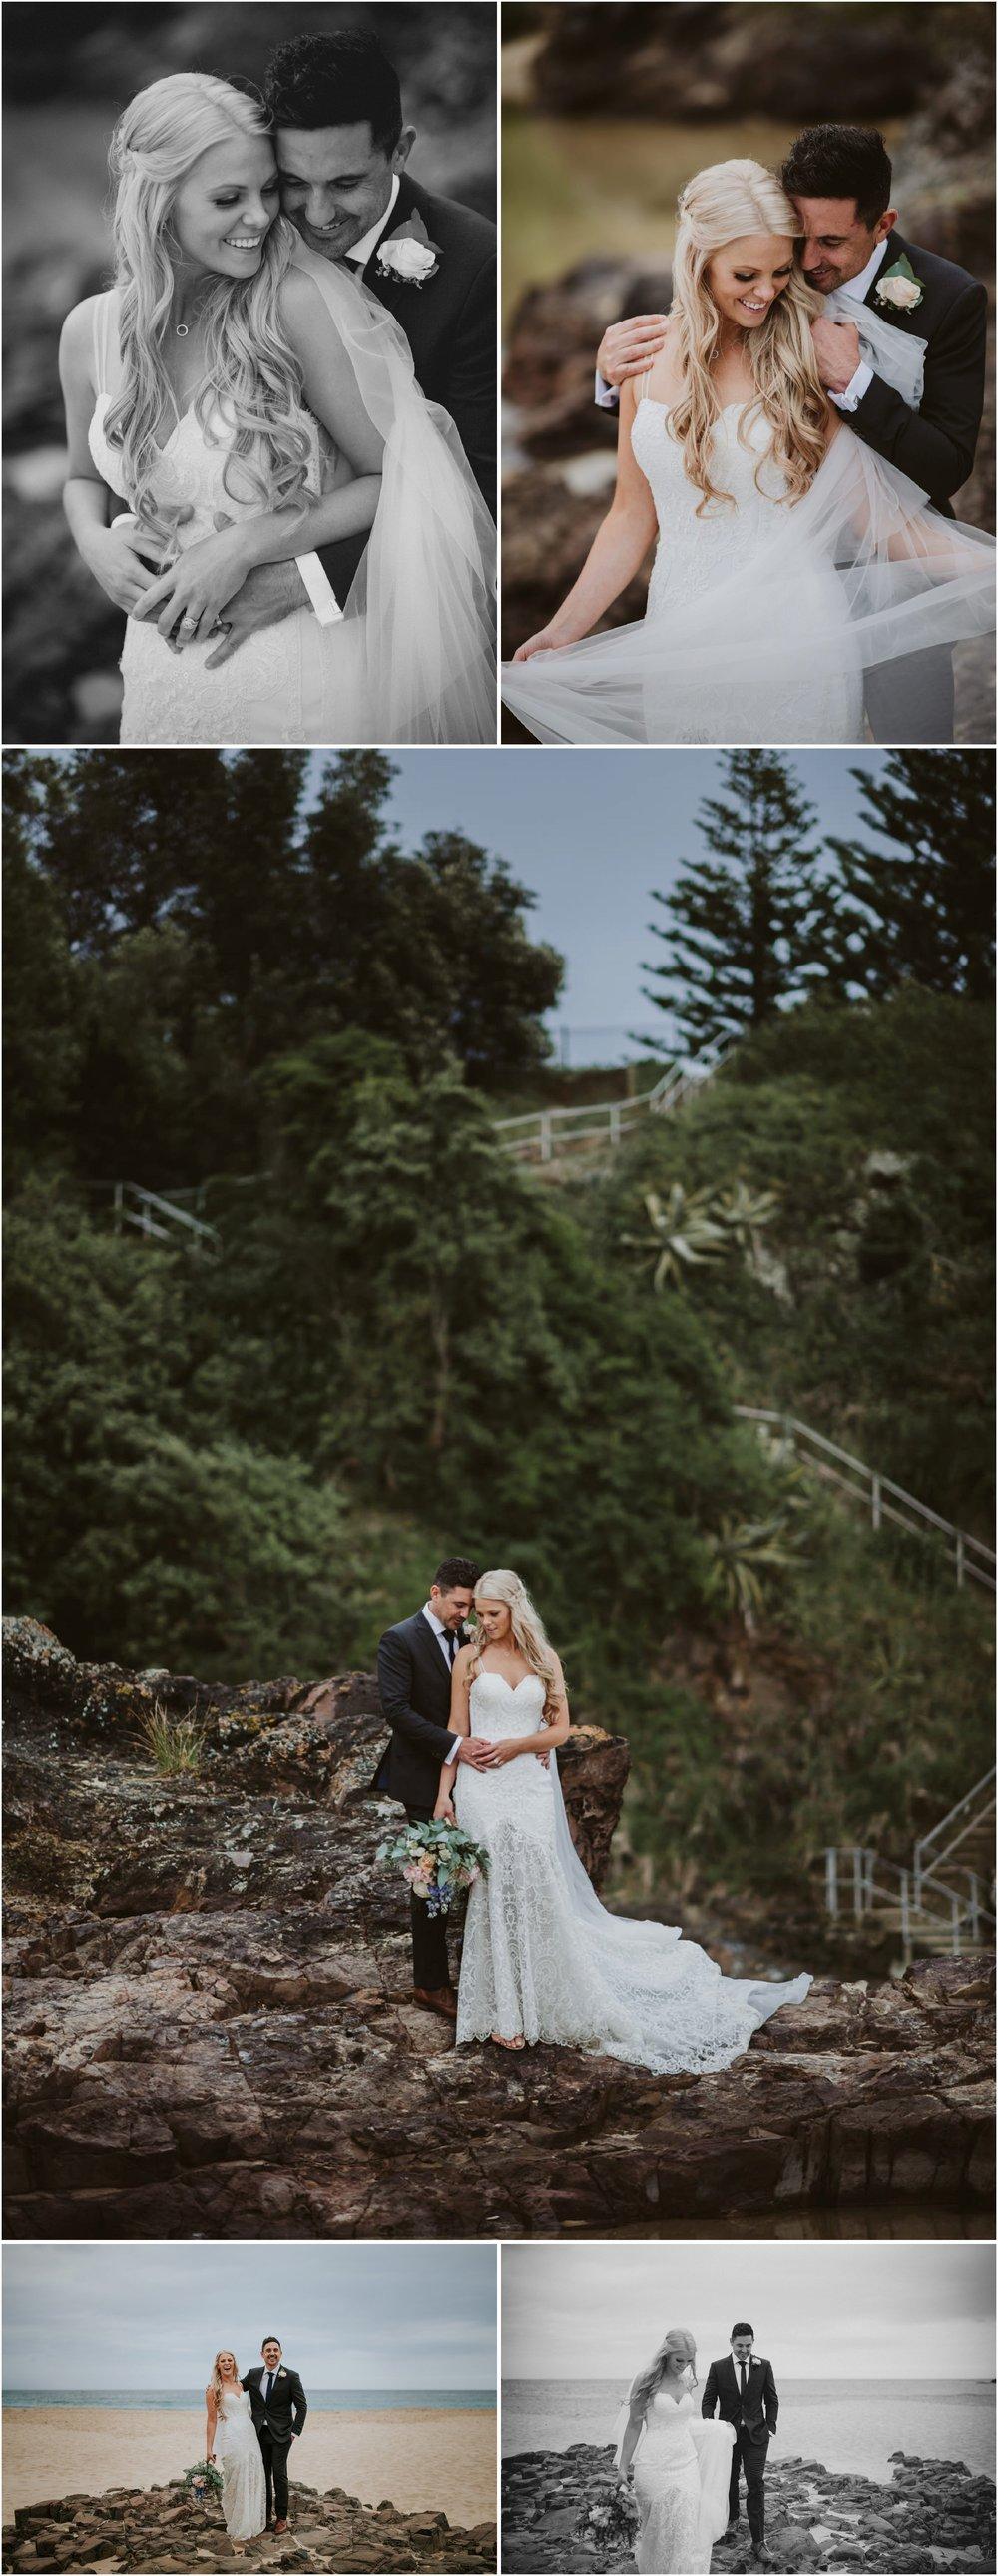 Bushbank Southern Highlands South Coast Wedding Jack Gilchrist Photography Sydney_0330.jpg